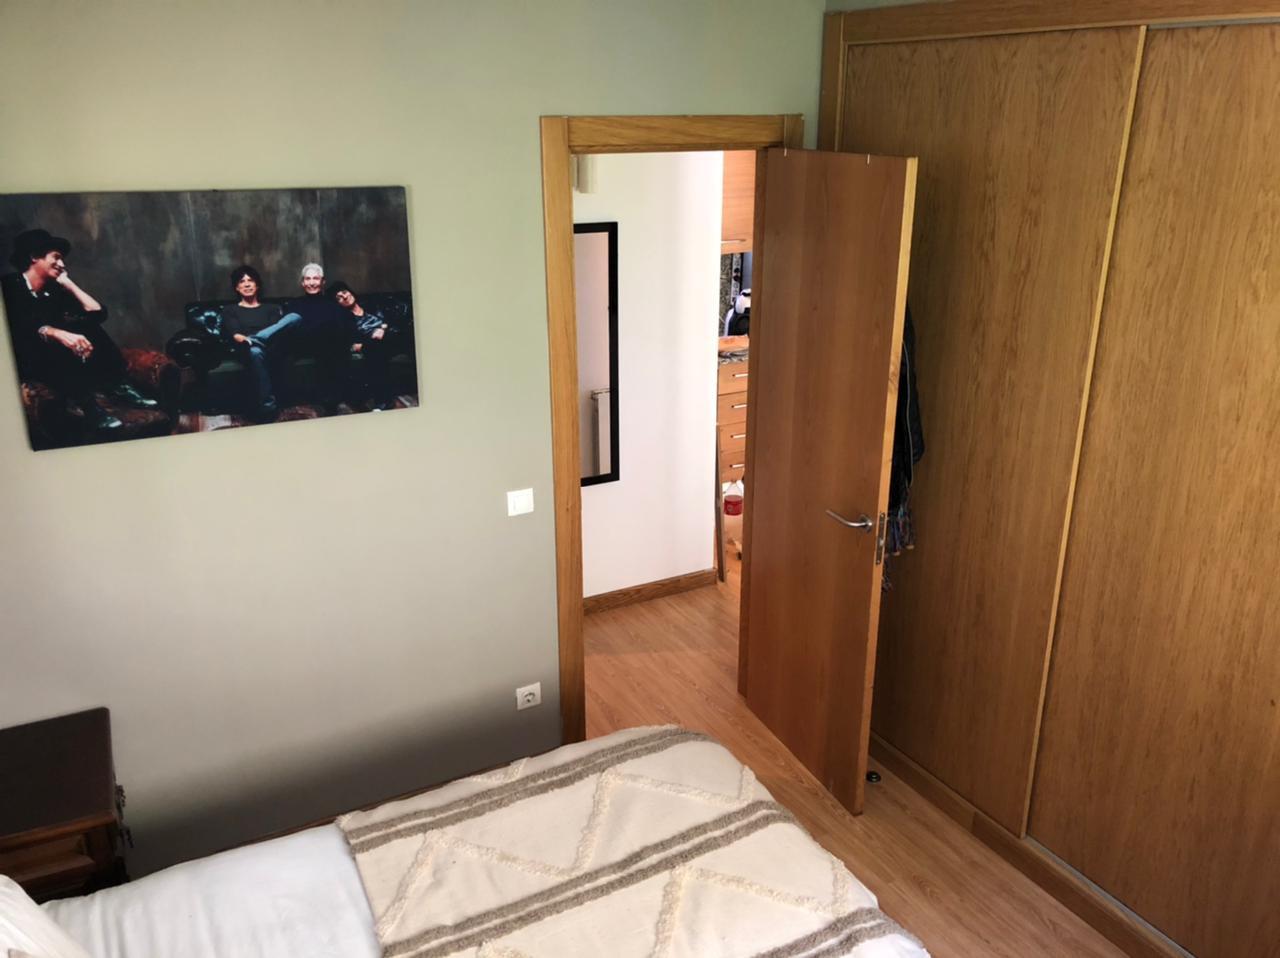 Pis en lloguer a Canillo - Immobiliària Cortals - Andorra - Rèf. 0325